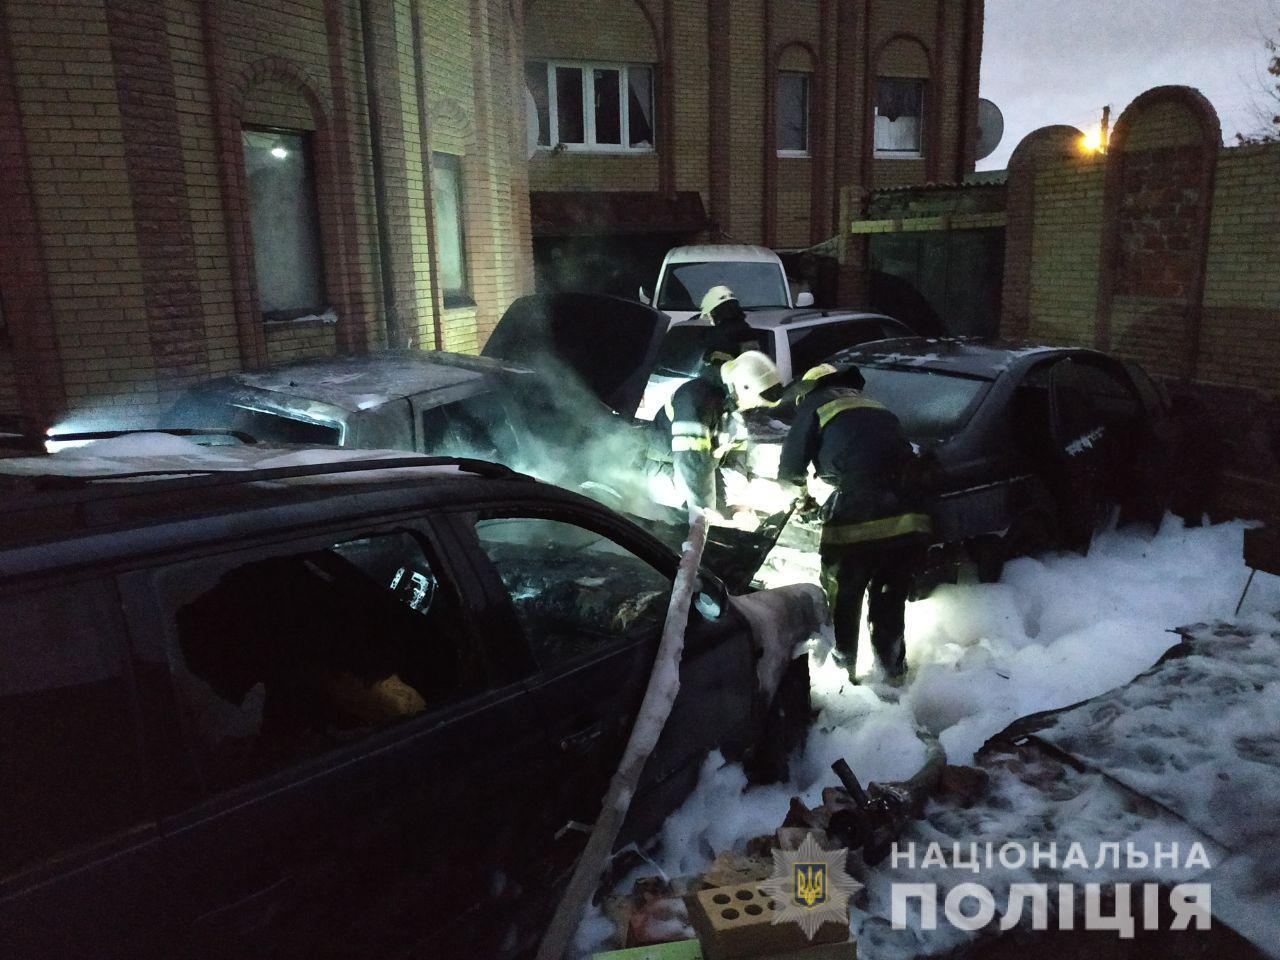 Три автомобиля подожгли в Харькове (фото)